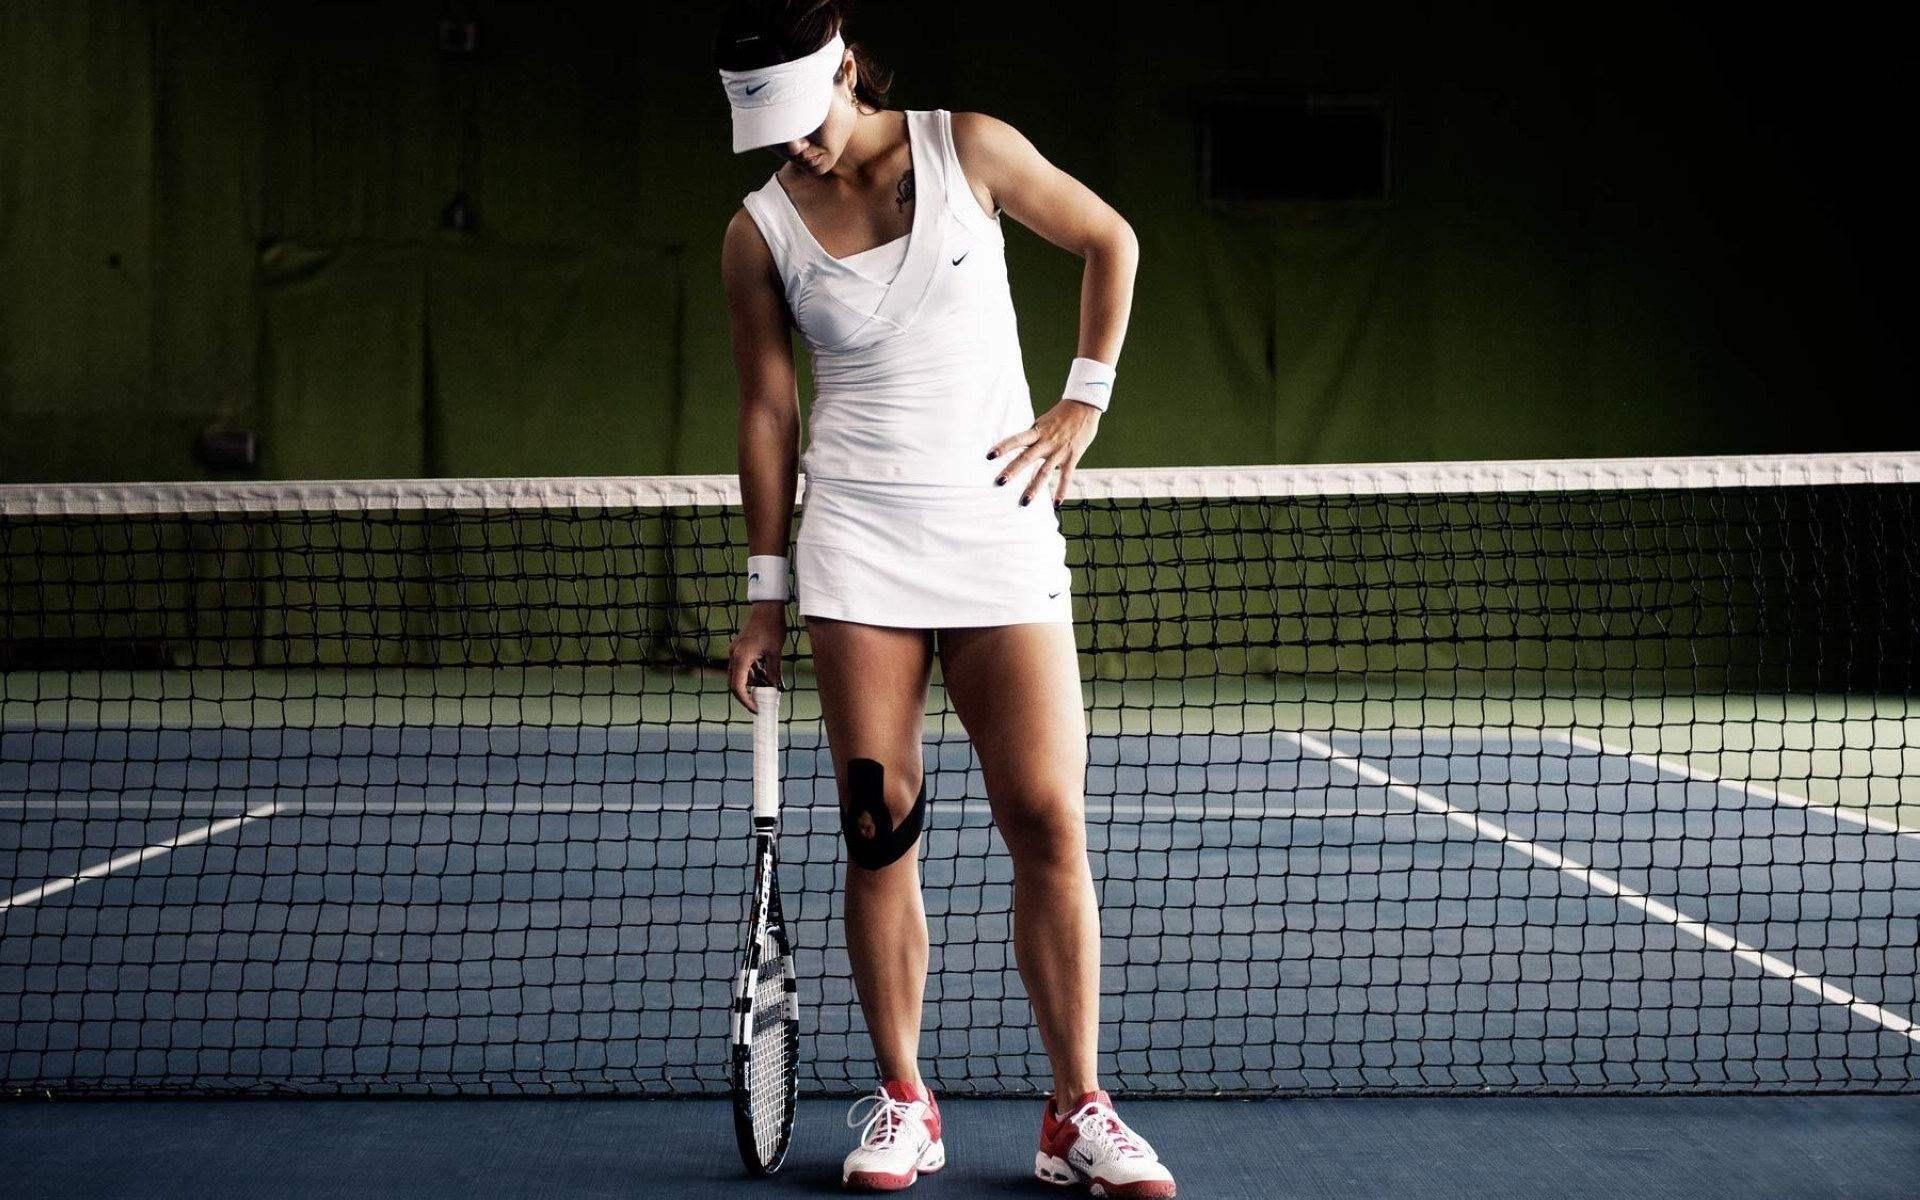 Картинки по запросу Какой наряд выбрать для игры в теннис?